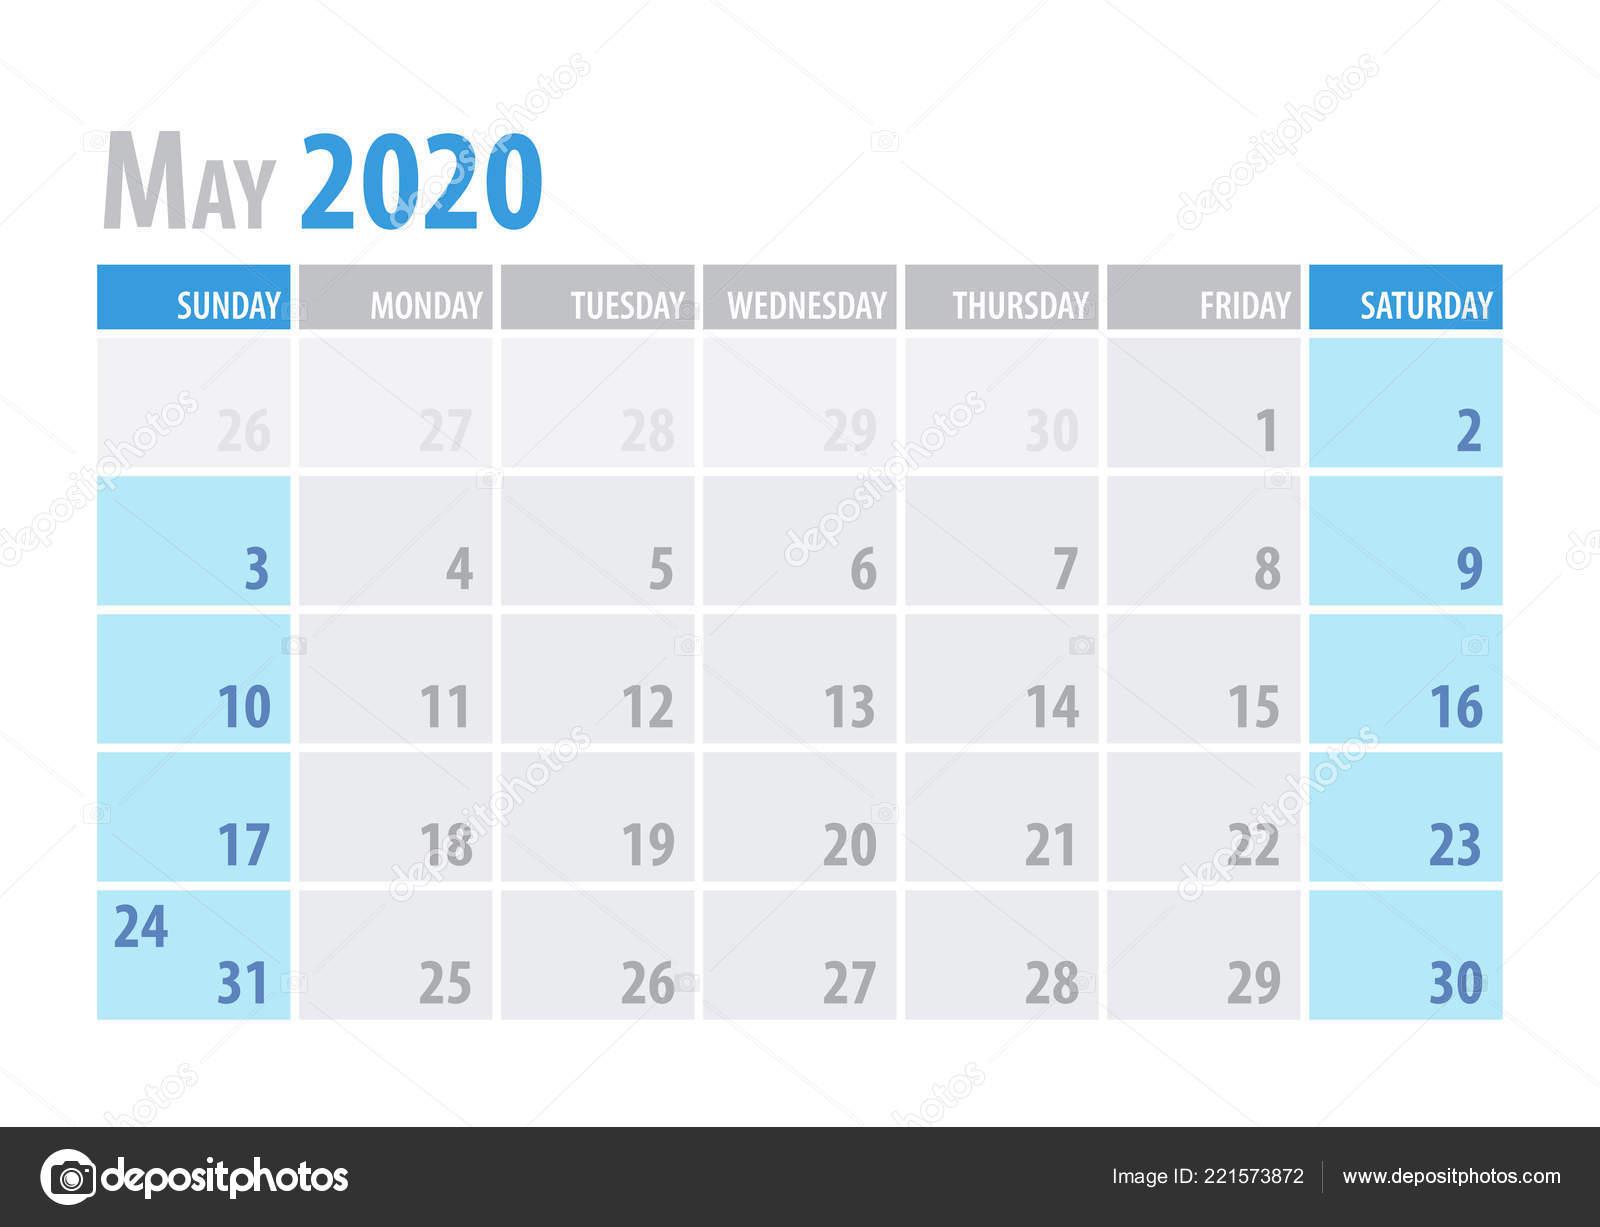 Calendario Di Maggio 2020.Maggio Calendario Planner 2020 In Stile Semplice E Pulito